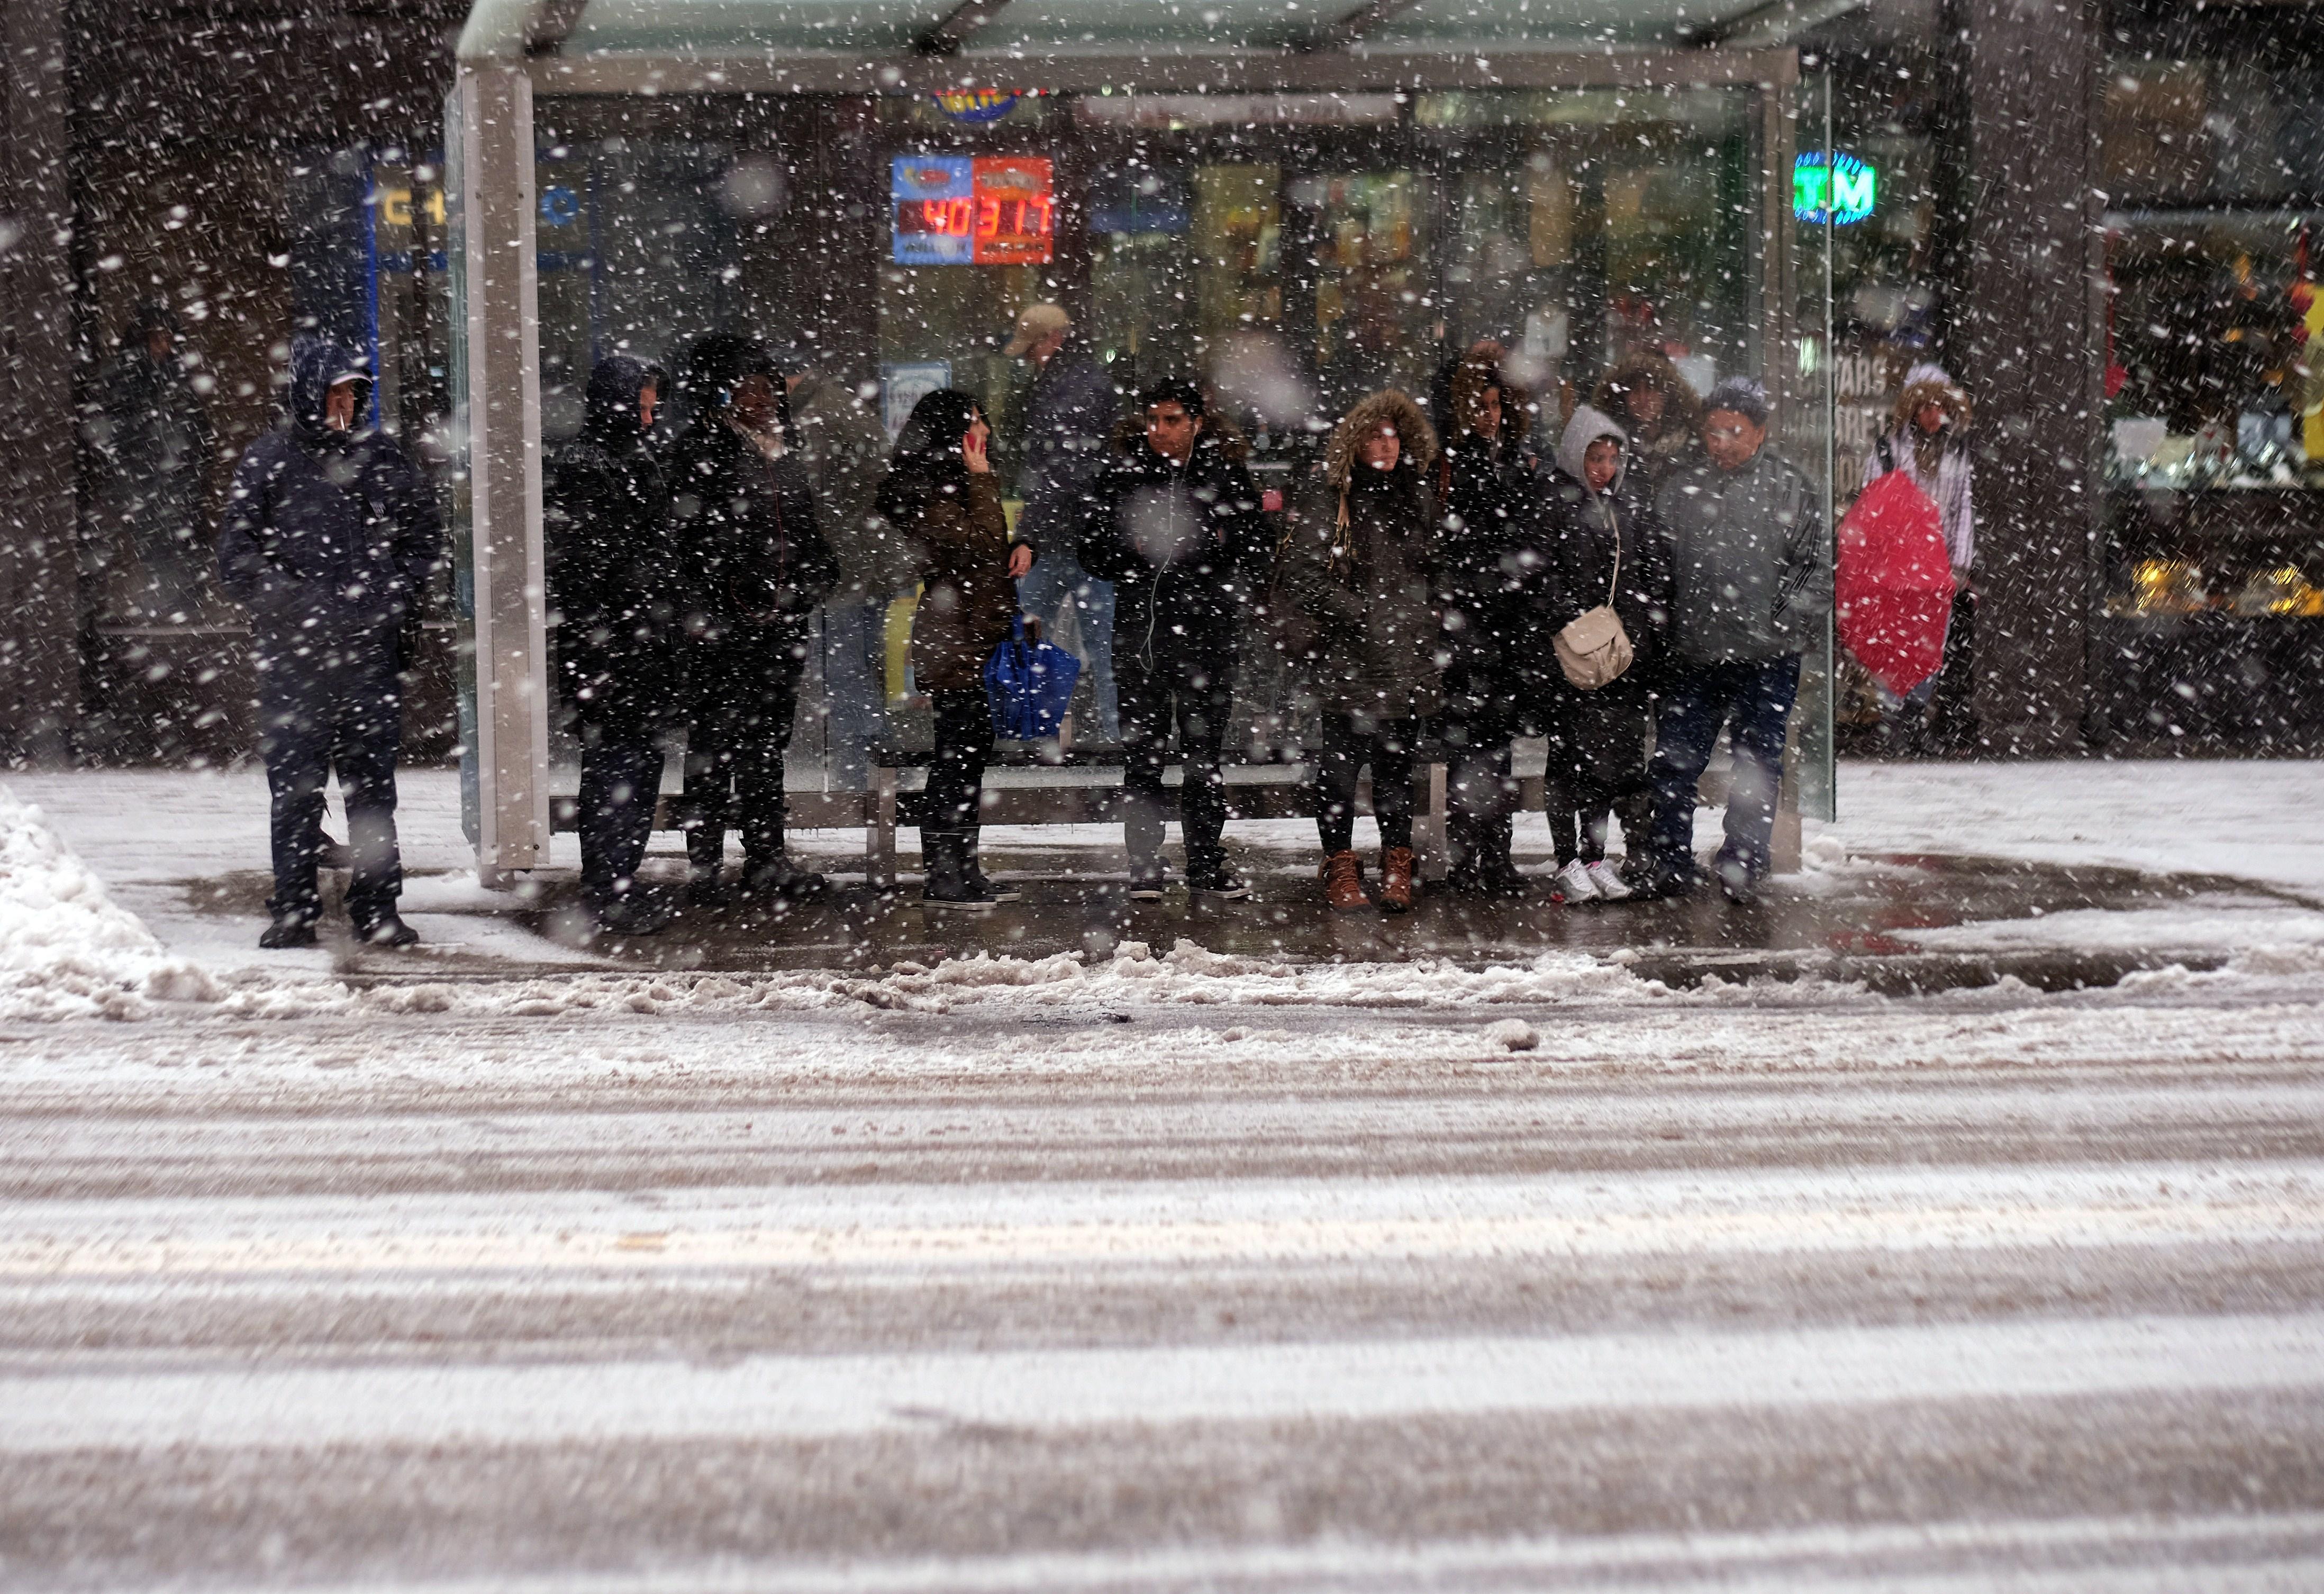 US-WEATHER-SNOW-STORM